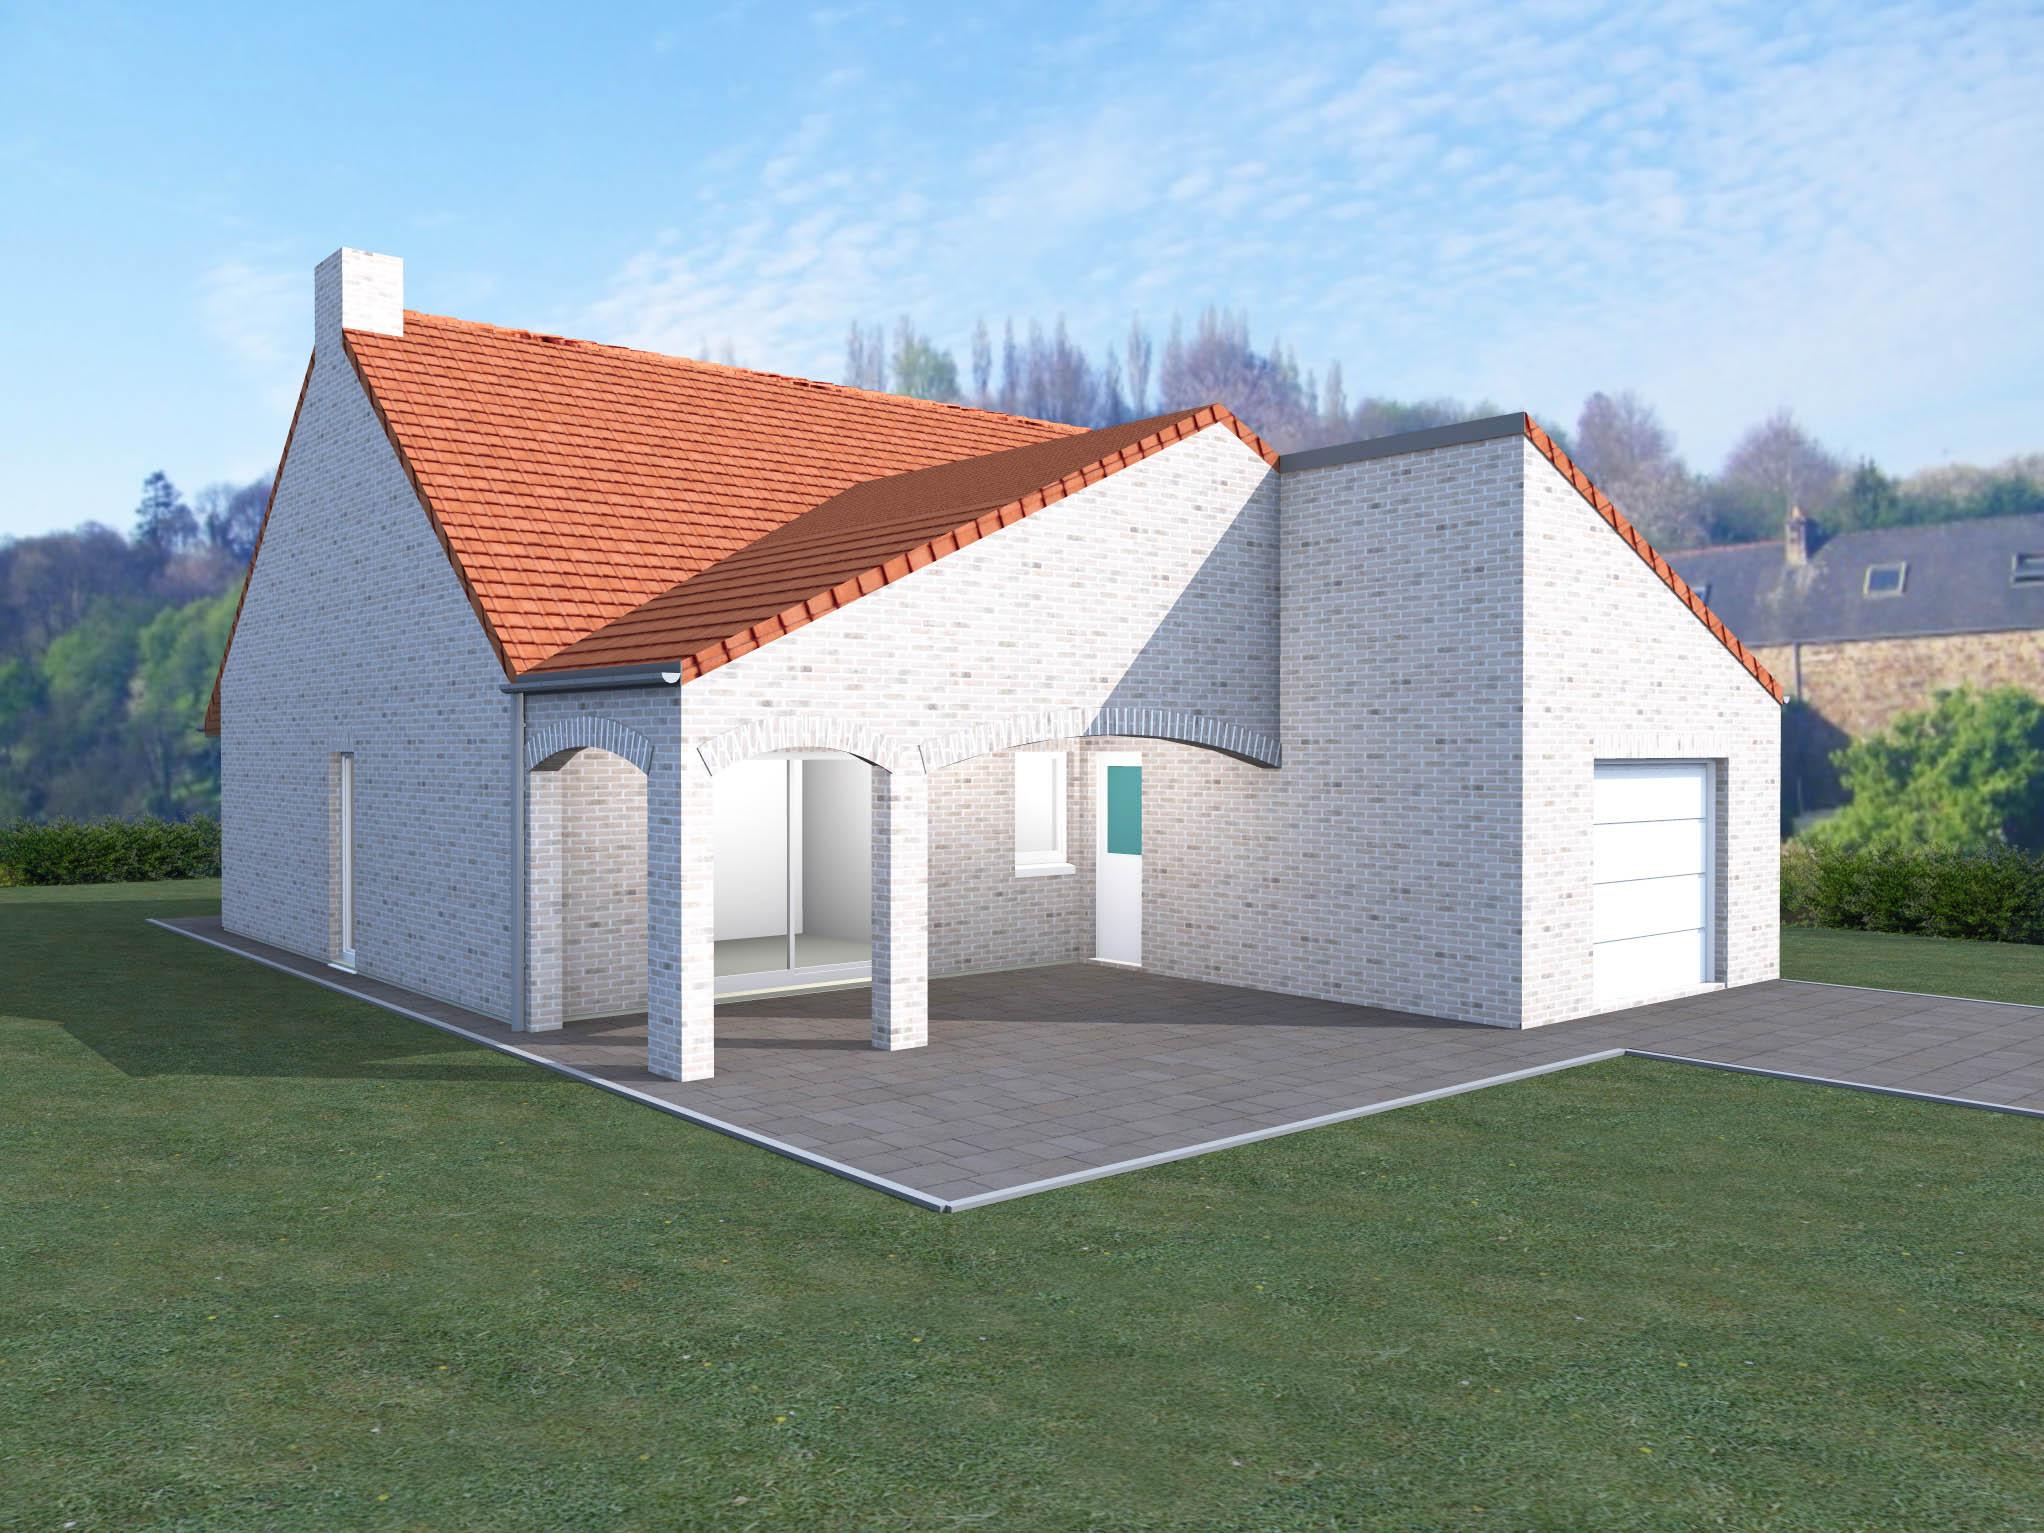 Couleur maison construction notre mod le corail for Modele maison construction